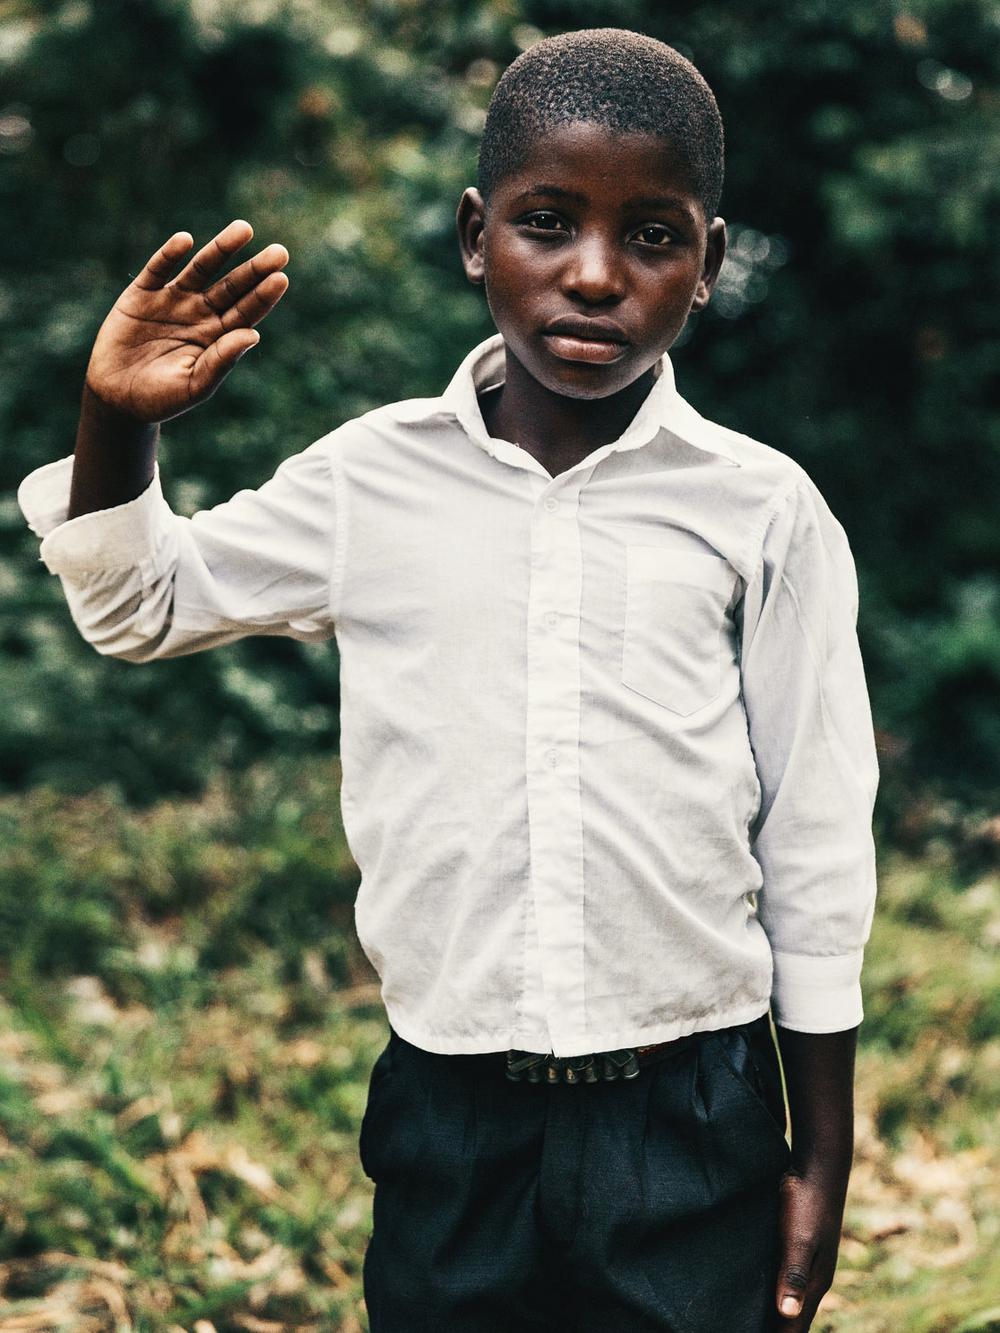 CallieGiovanna_Africa_Uganda_KalinzuForestReserve_20150101_08904.jpg